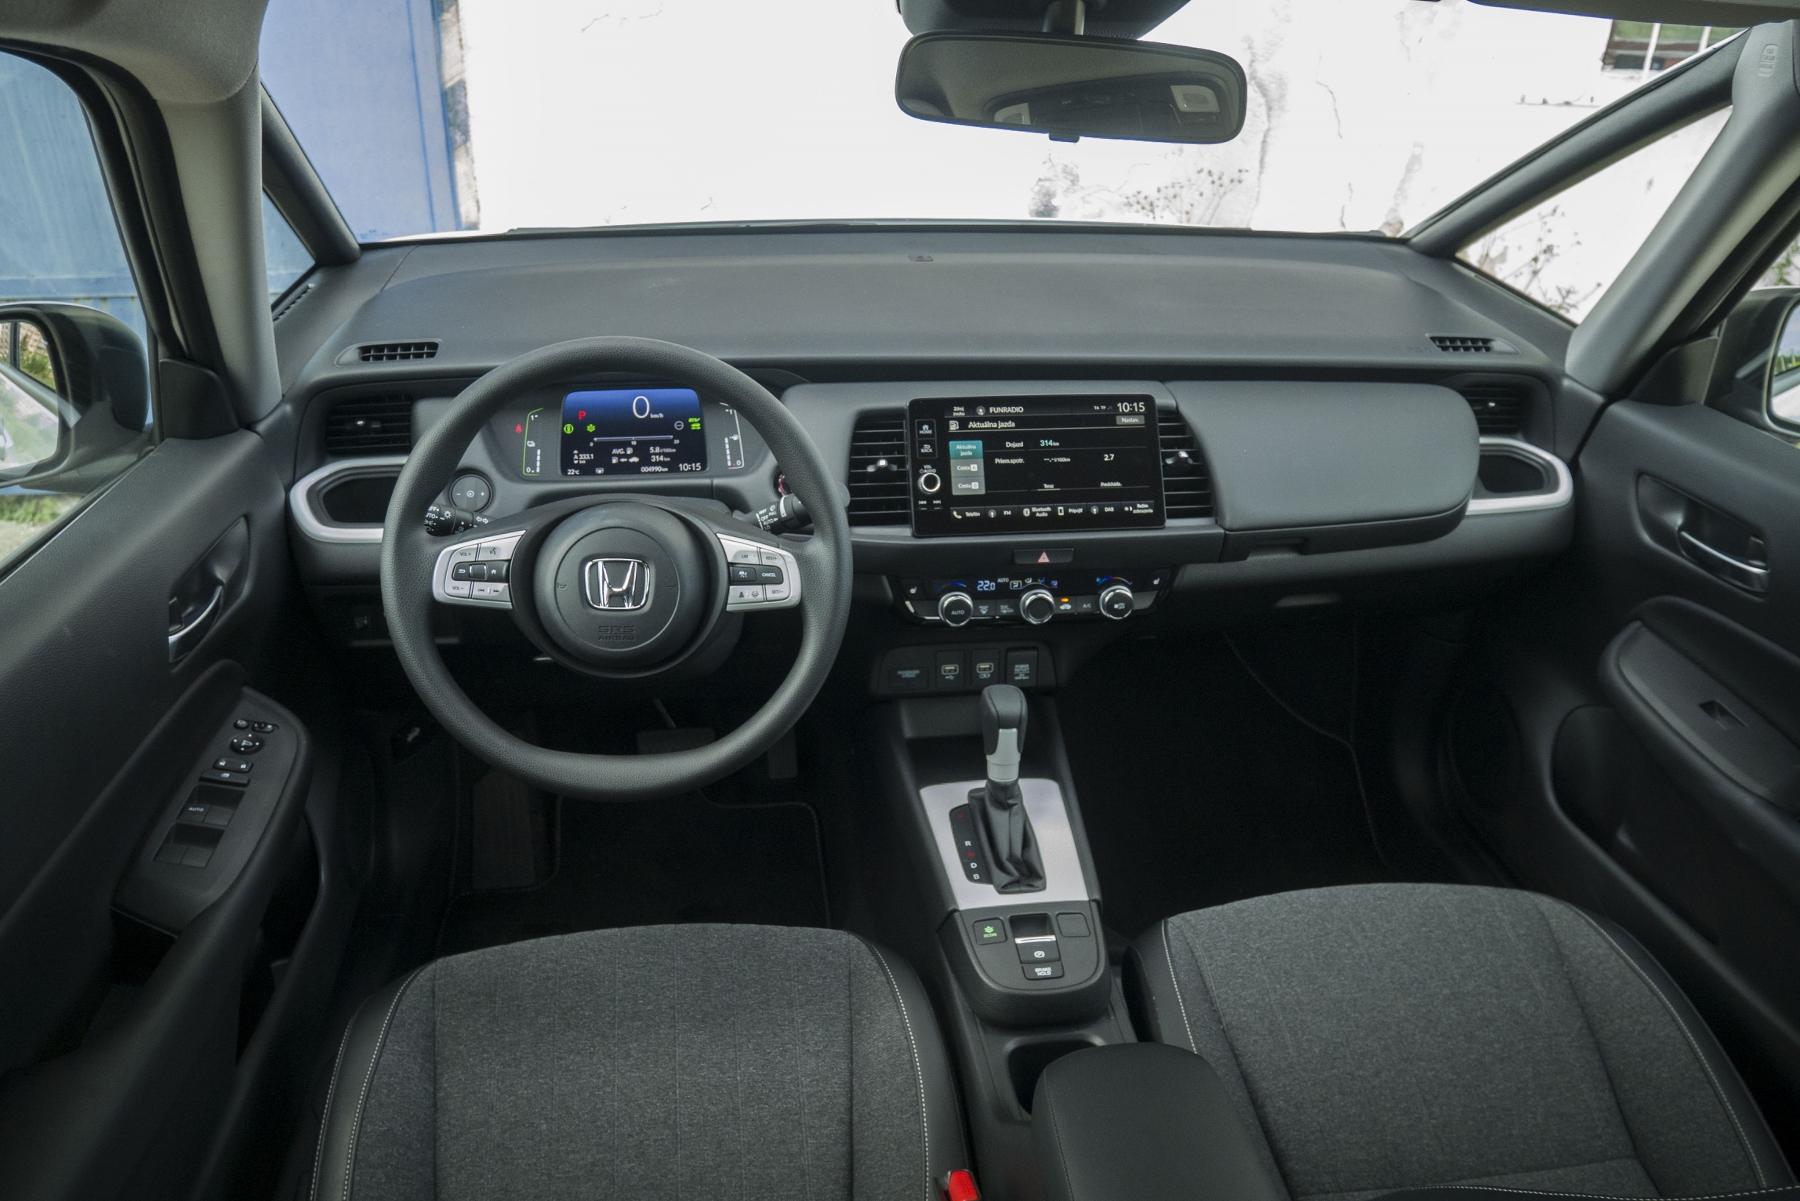 Test: Honda Jazz je kráľ spotreby a využiteľnosti priestoru DmgSkaYMUm honda-jazz-27